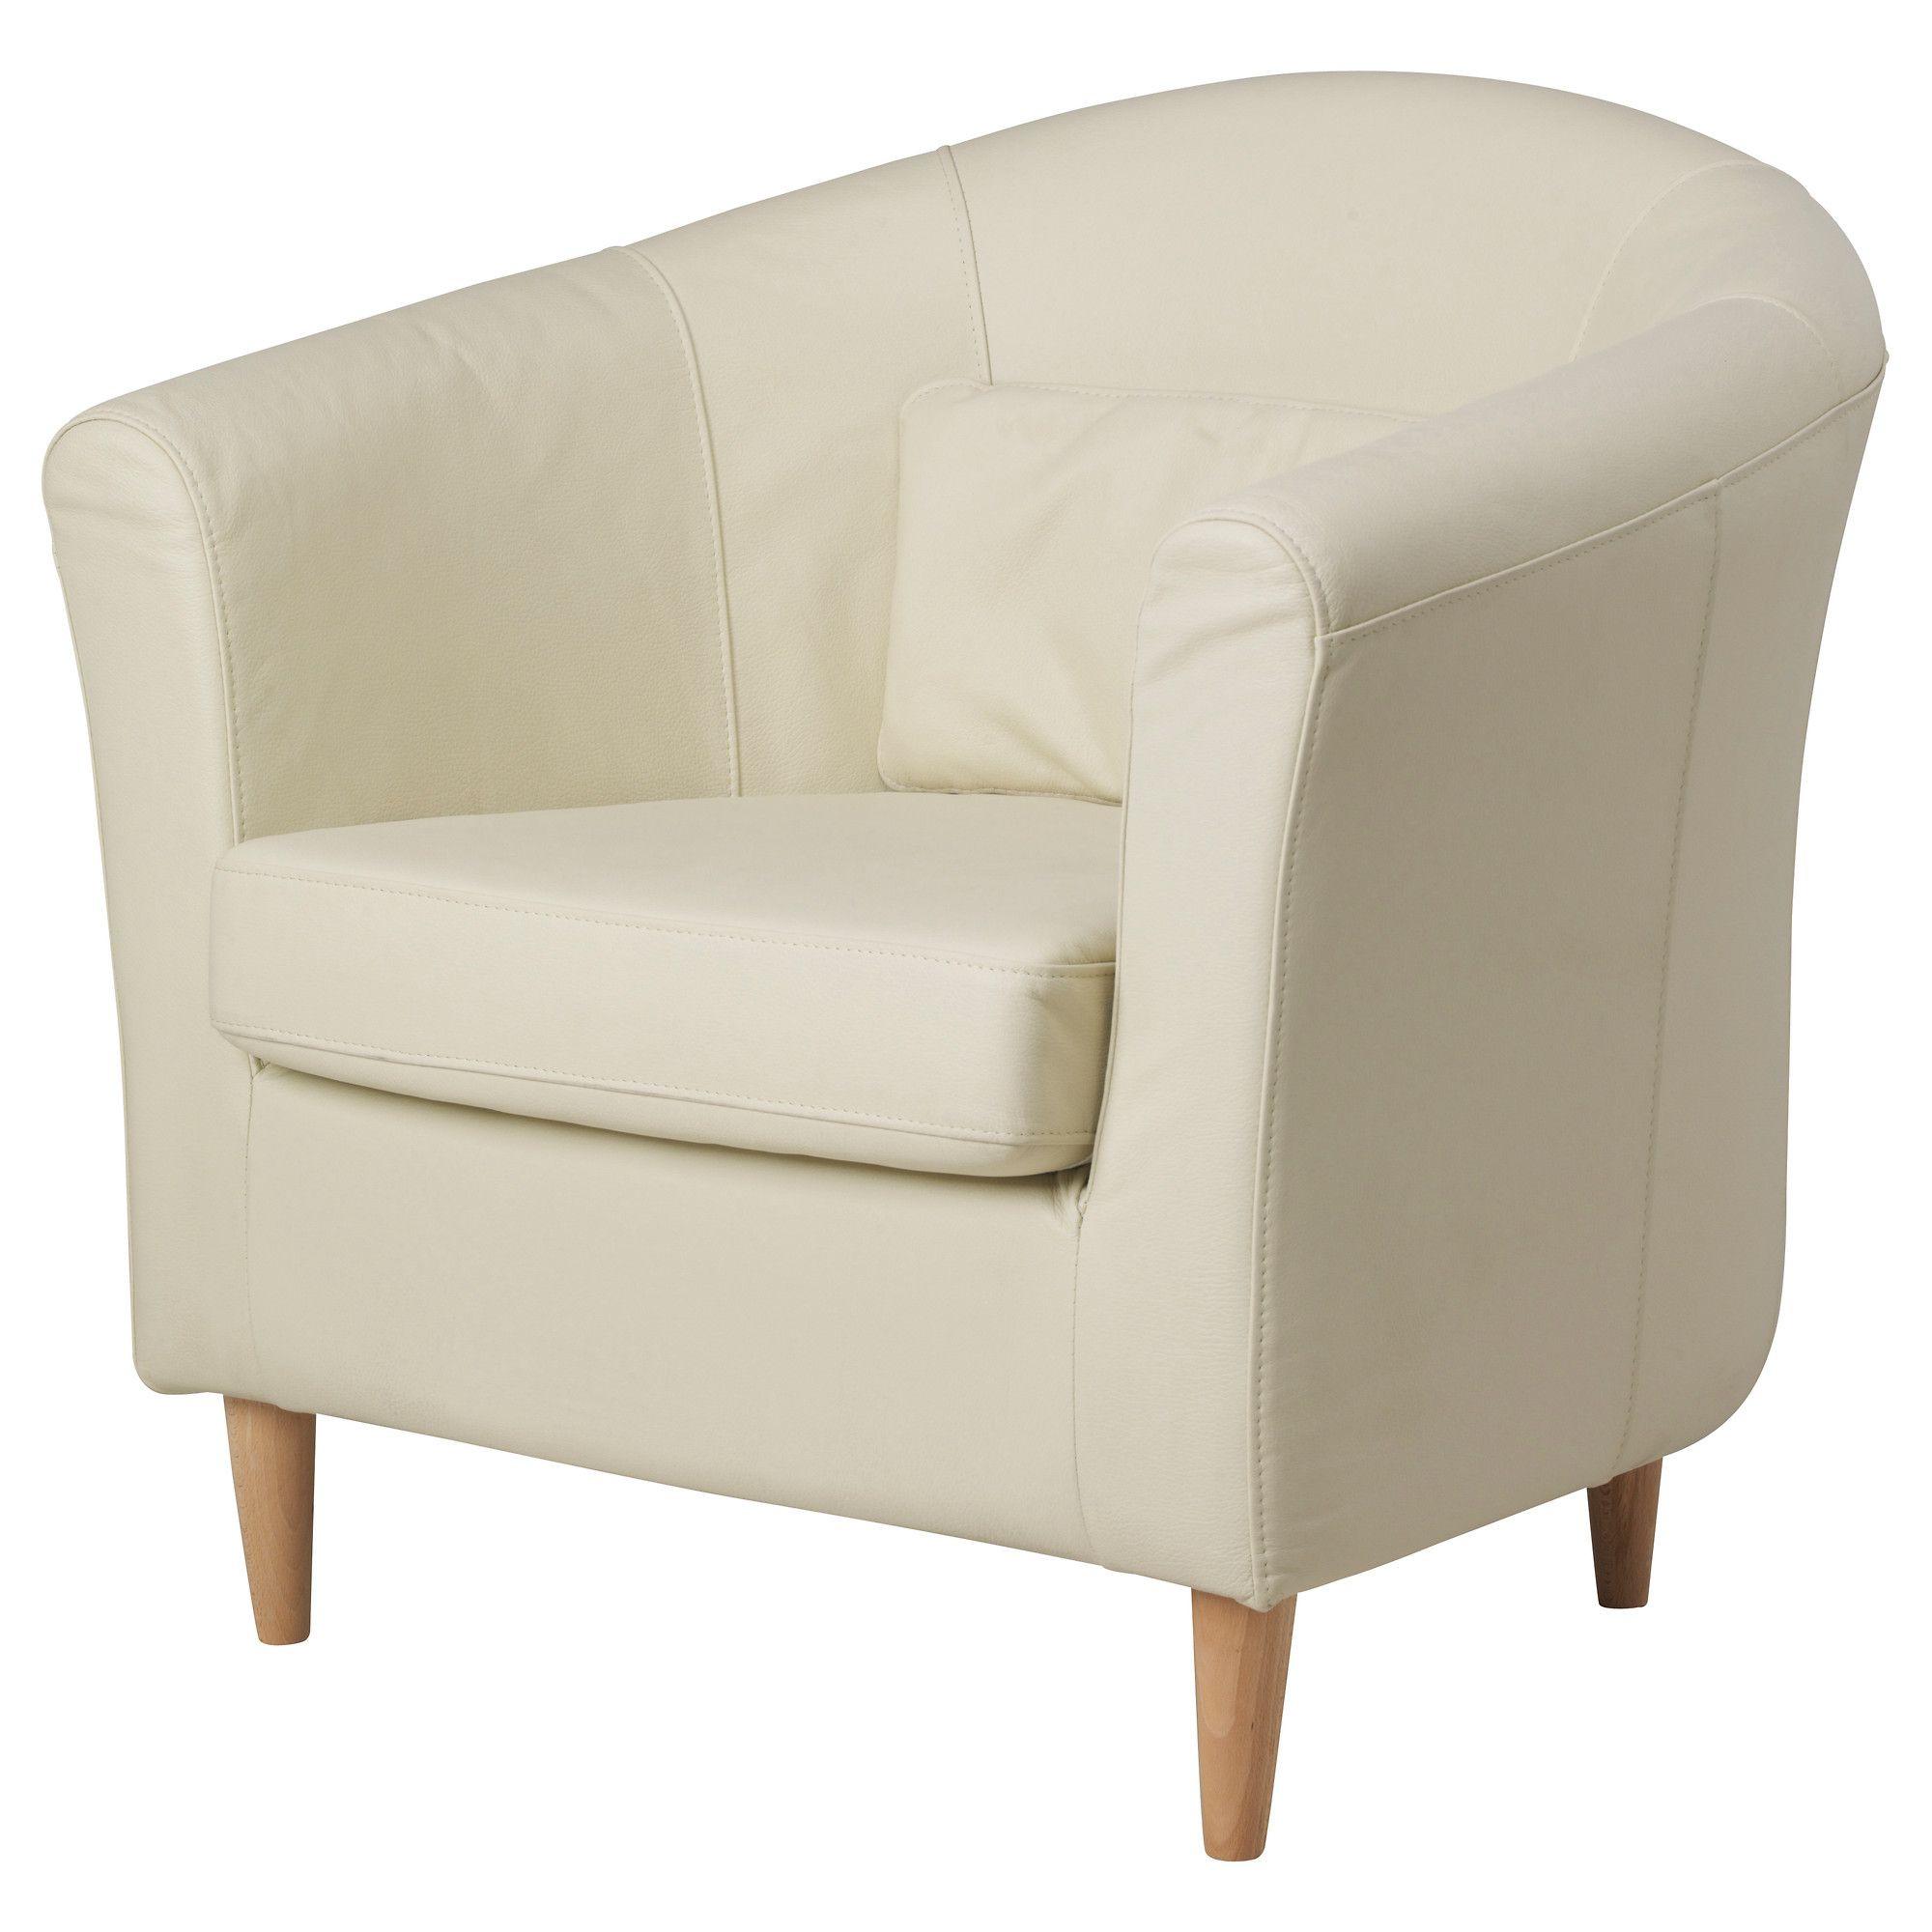 Ikea Tullsta Accent Chair